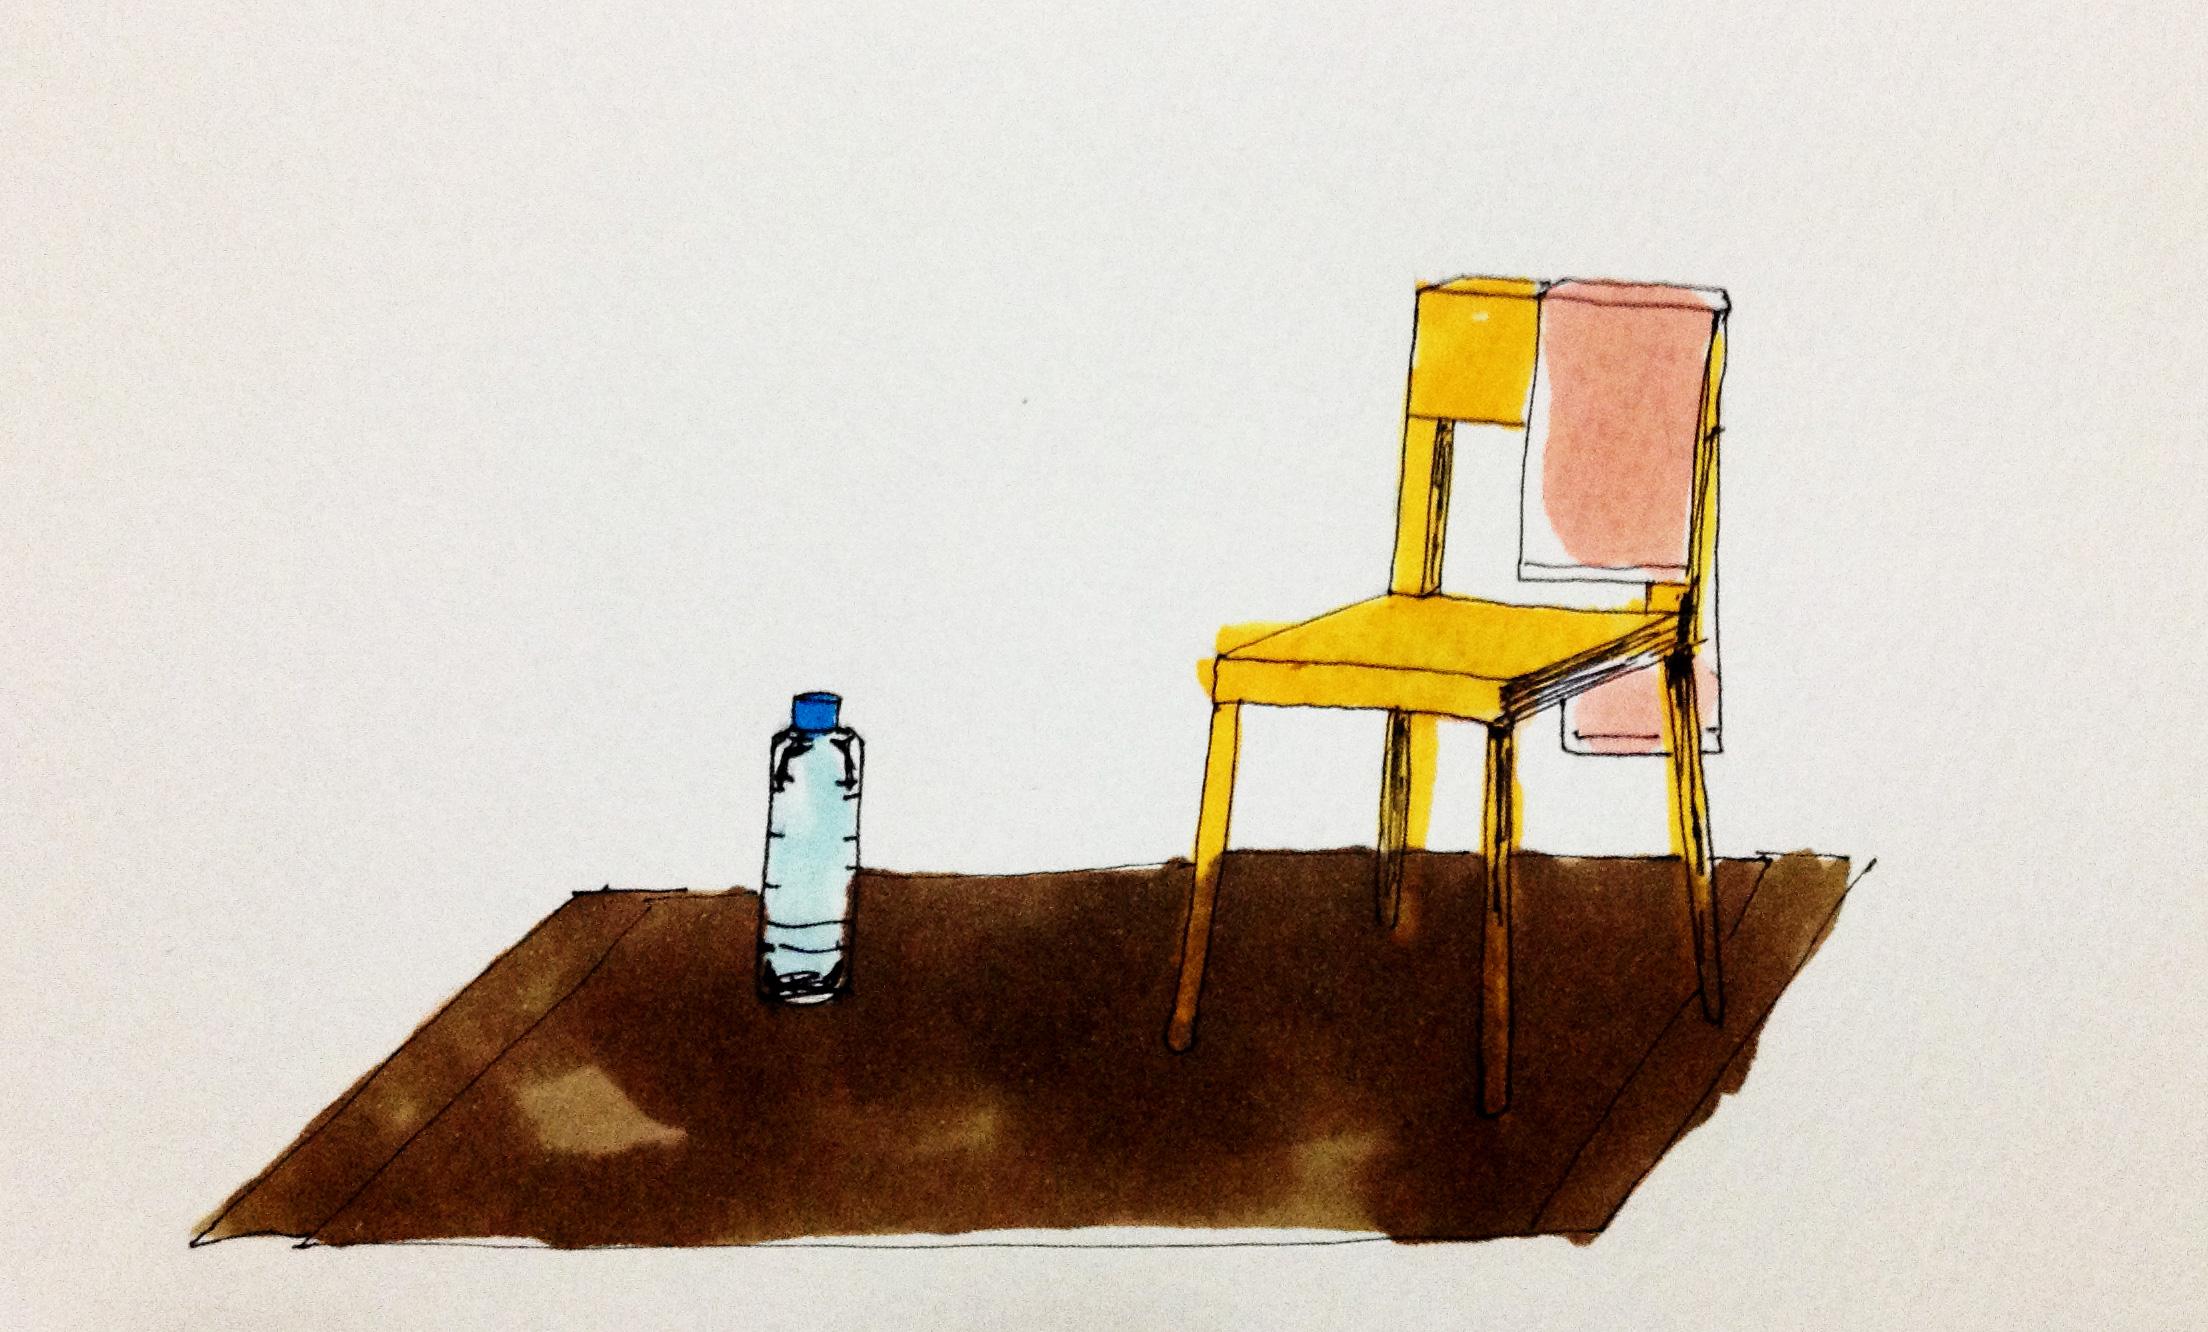 スロトレに必要なマットと椅子をコピックで描いたイラスト